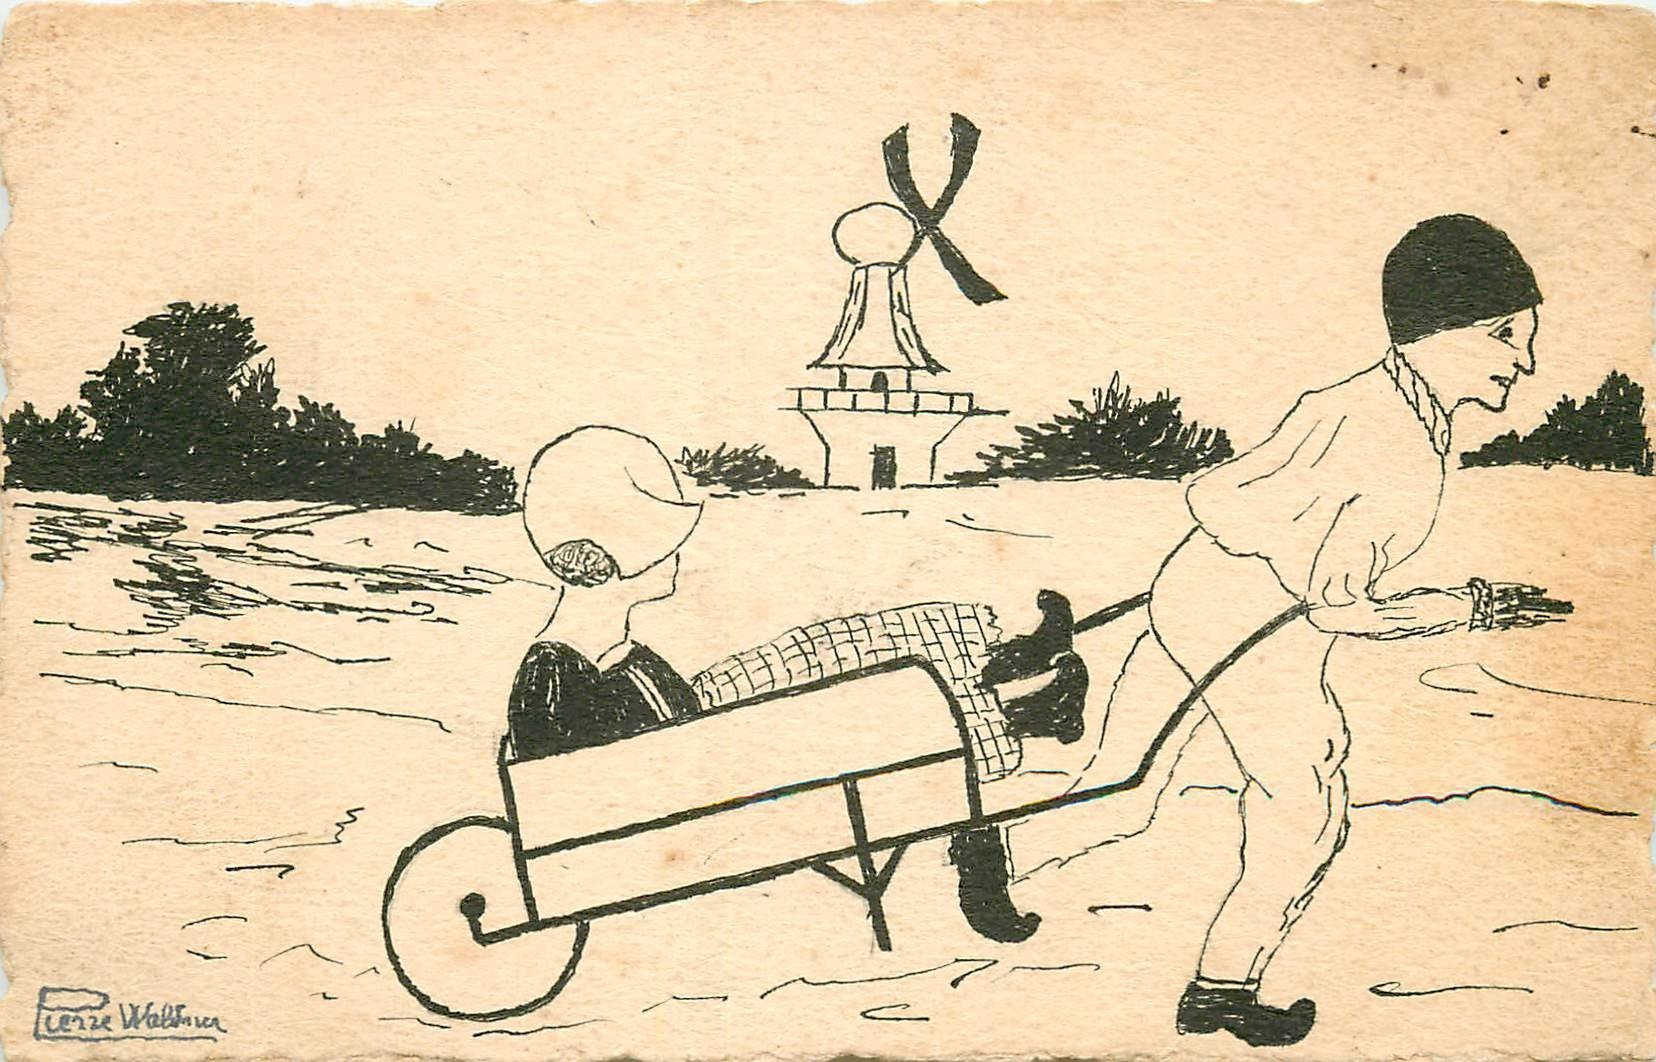 PIERRE WALDNER. Carte dessinée à la main. Pierrot et Hollandaise sur brouette avec Moulin à vent.